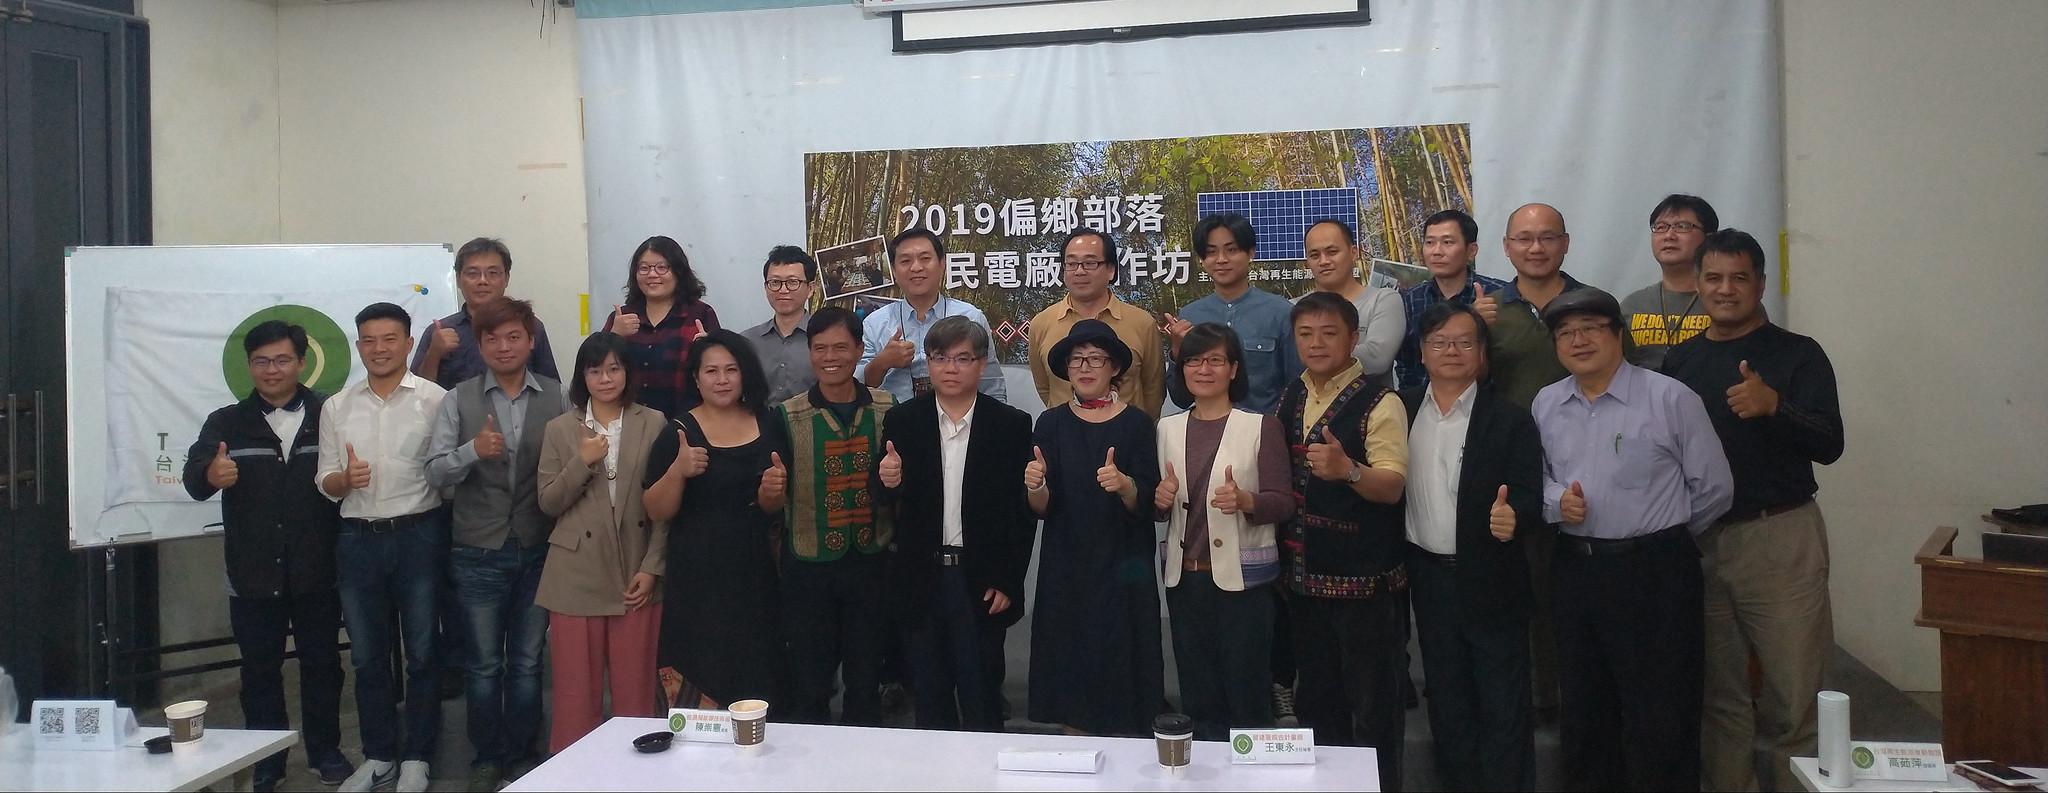 台灣再生能源推動聯盟舉行偏鄉部落公民電廠工作坊,政府長官、產業業者及部落居民出席參與。孫文臨攝